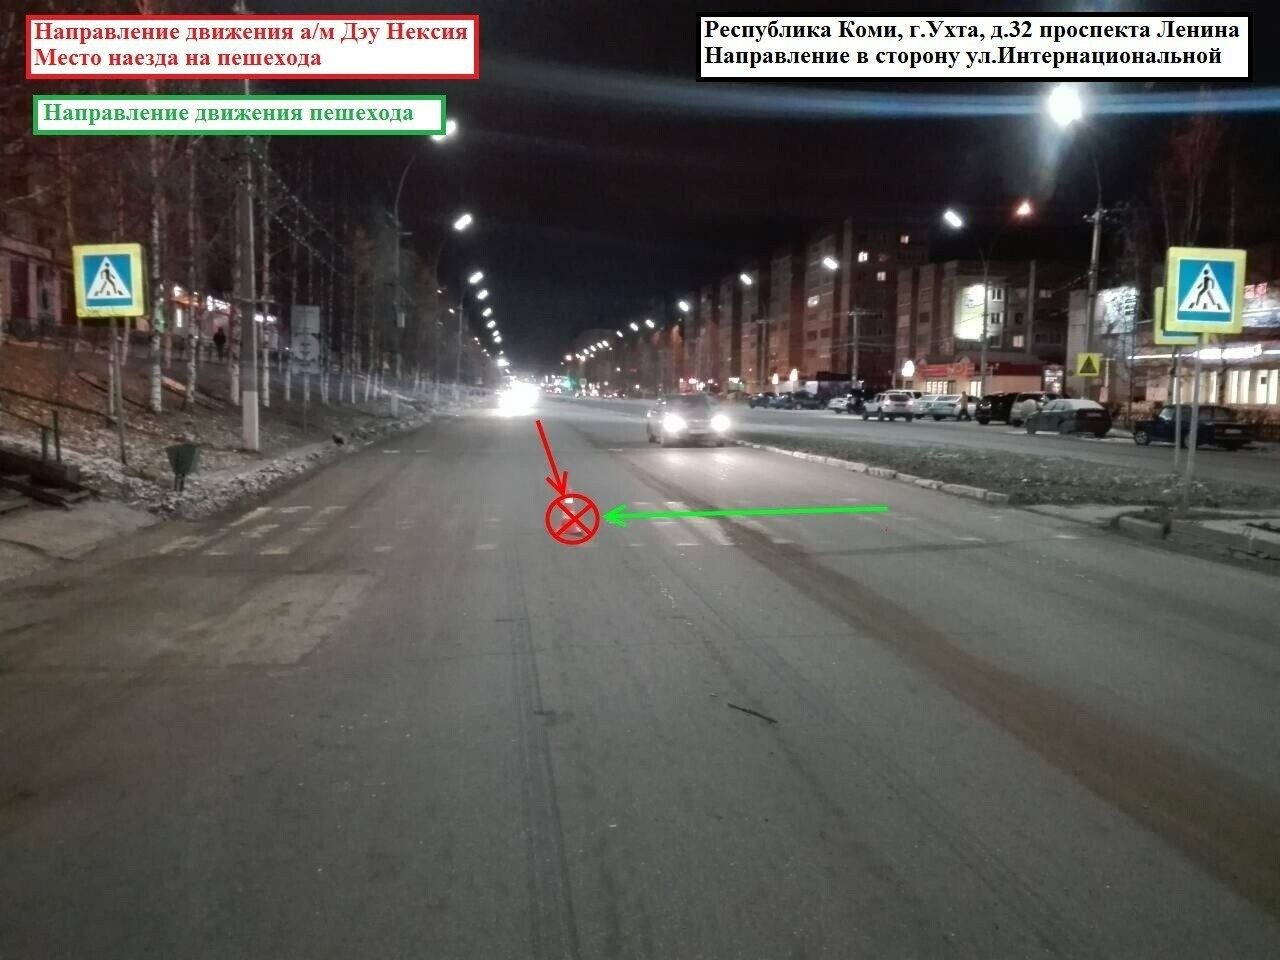 Злополучный переход по проспекту Ленина на котором был сбит пешеход. 11 н..., Фото предоставлено пресс-службой Управления ГИБДД МВД по Республике Коми